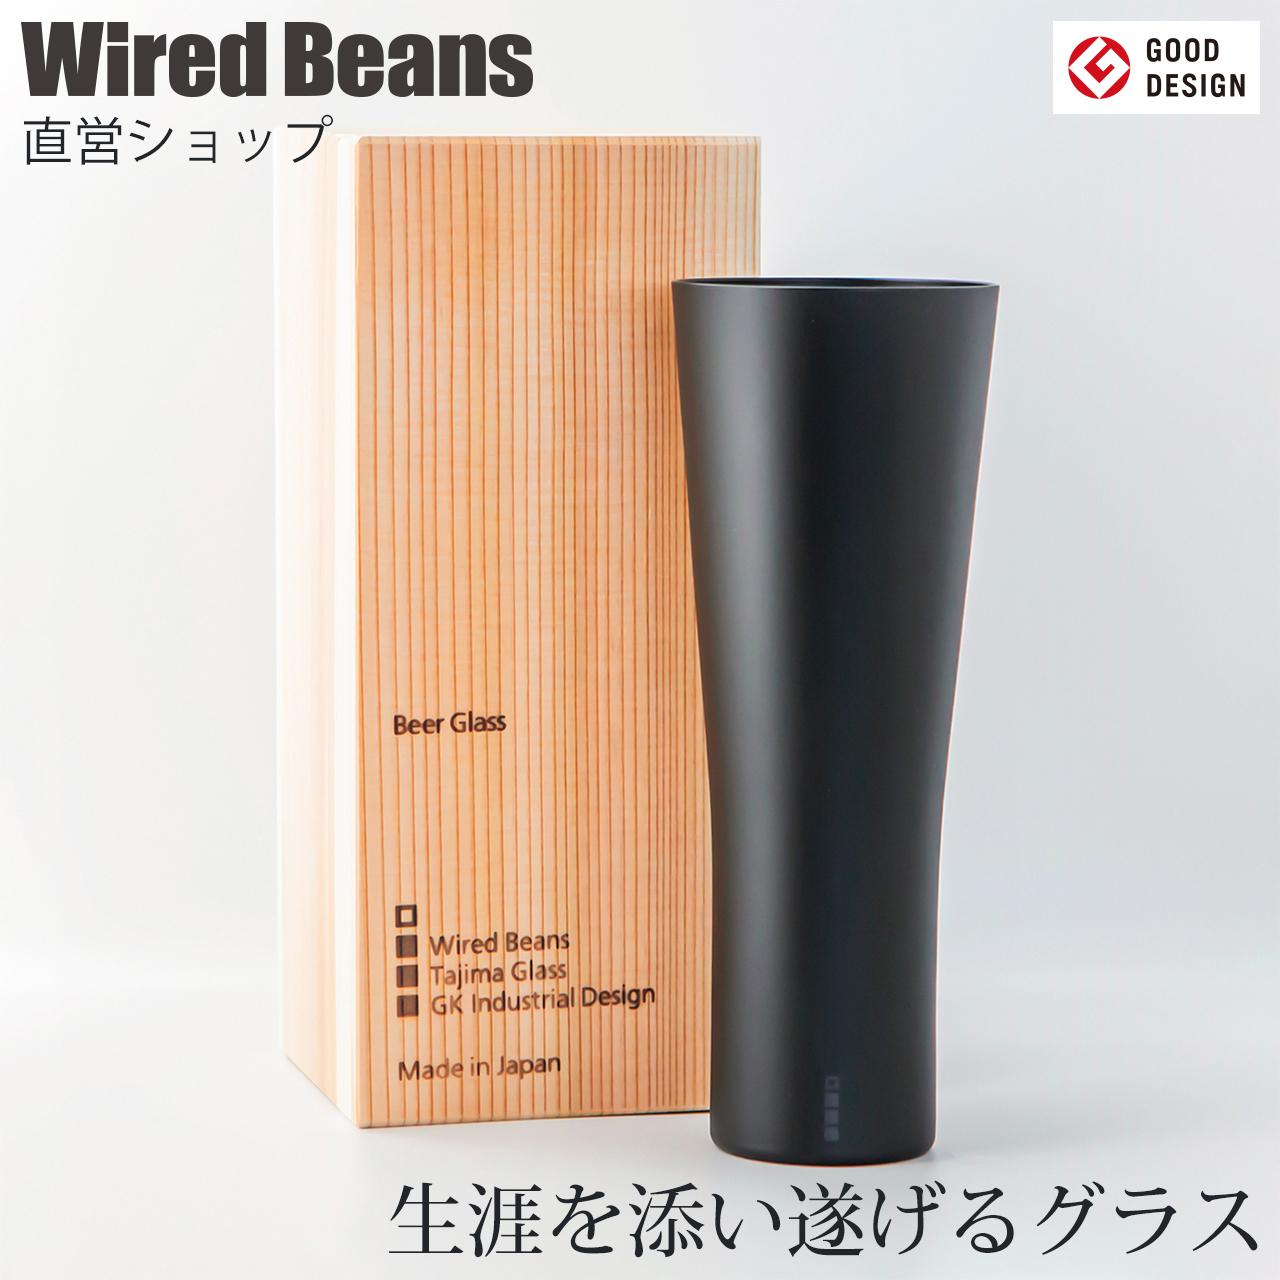 Wired Beans メーカー直販 プレゼント 贈答品 ビールグラス 価格 交渉 送料無料 生涯を添い遂げるグラス ビア ギフト 国産杉箱入り 生涯補償付き ブラックマット オールブラック ワイヤードビーンズ 日本製 グッドデザイン賞 卓越